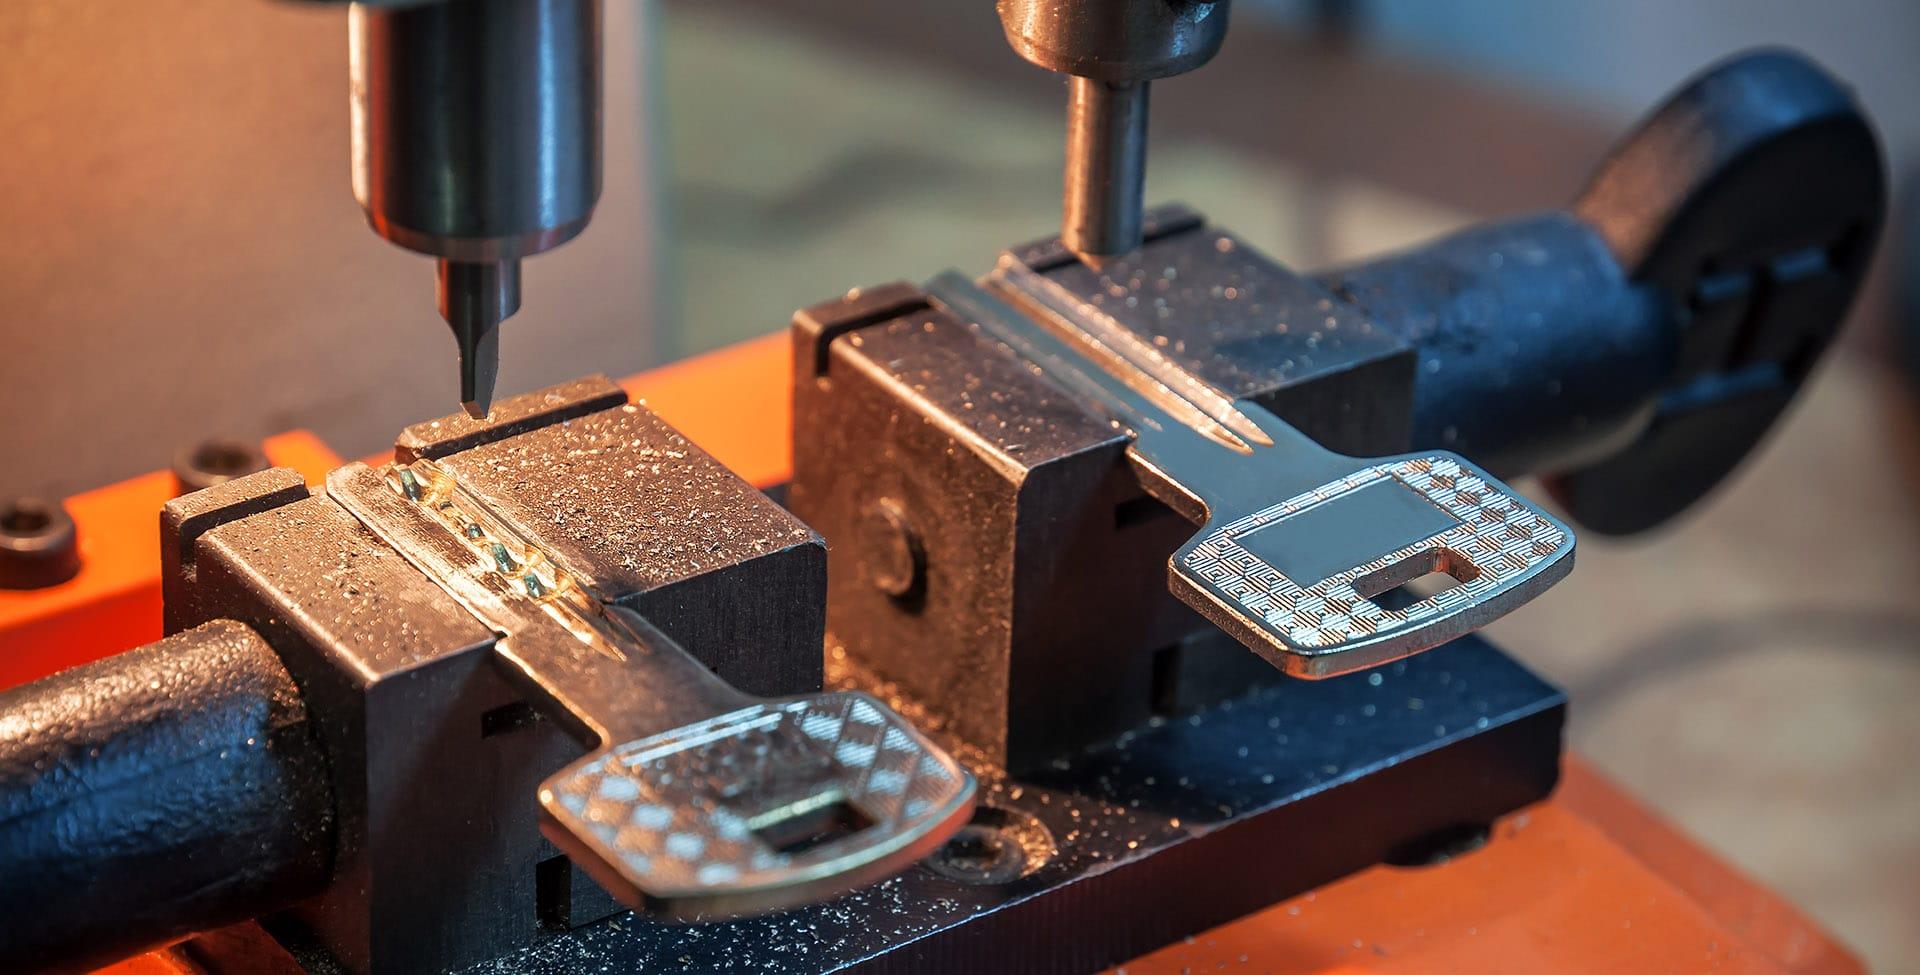 Locksmith in Stirling cutting keys for customer in key machine